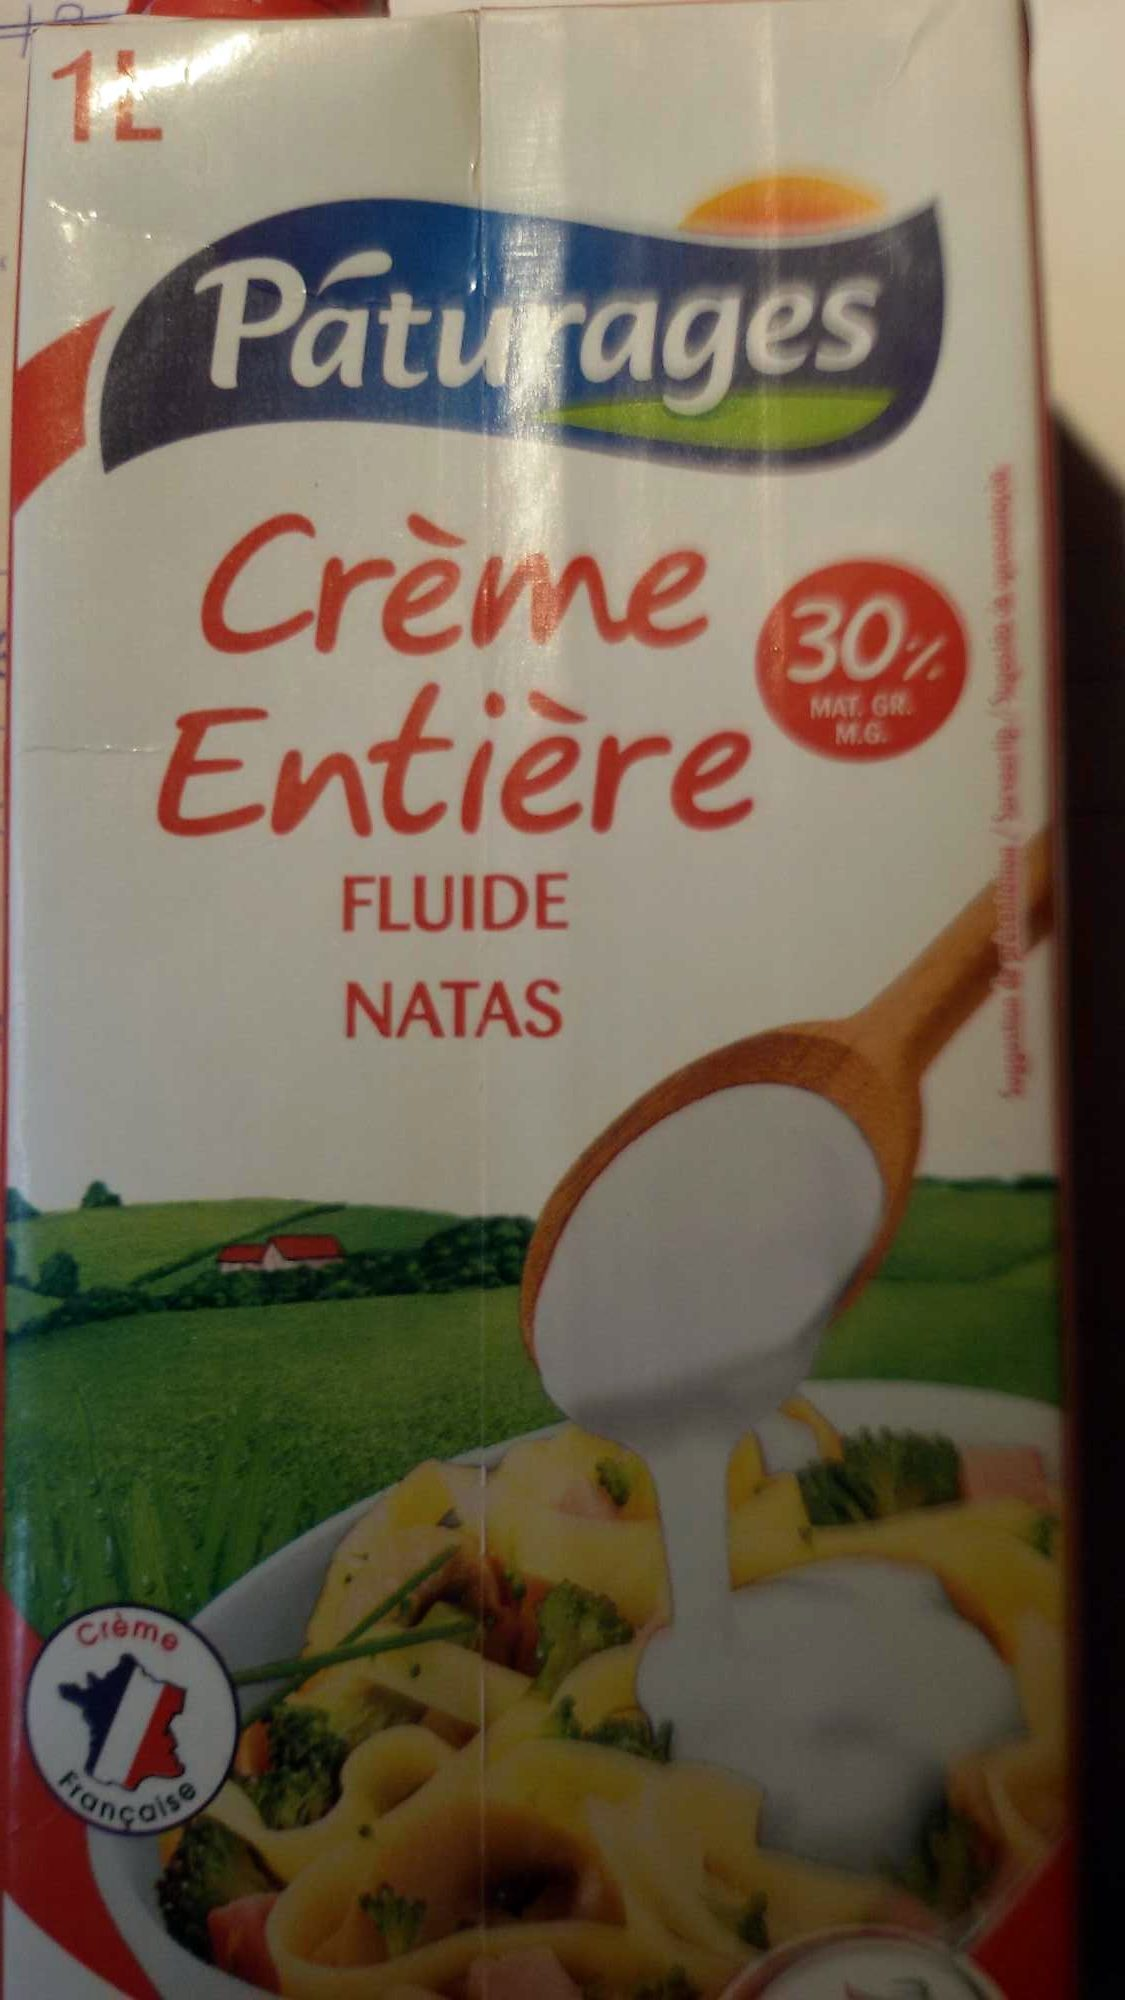 Crème entiere fluide 30% - Produit - fr